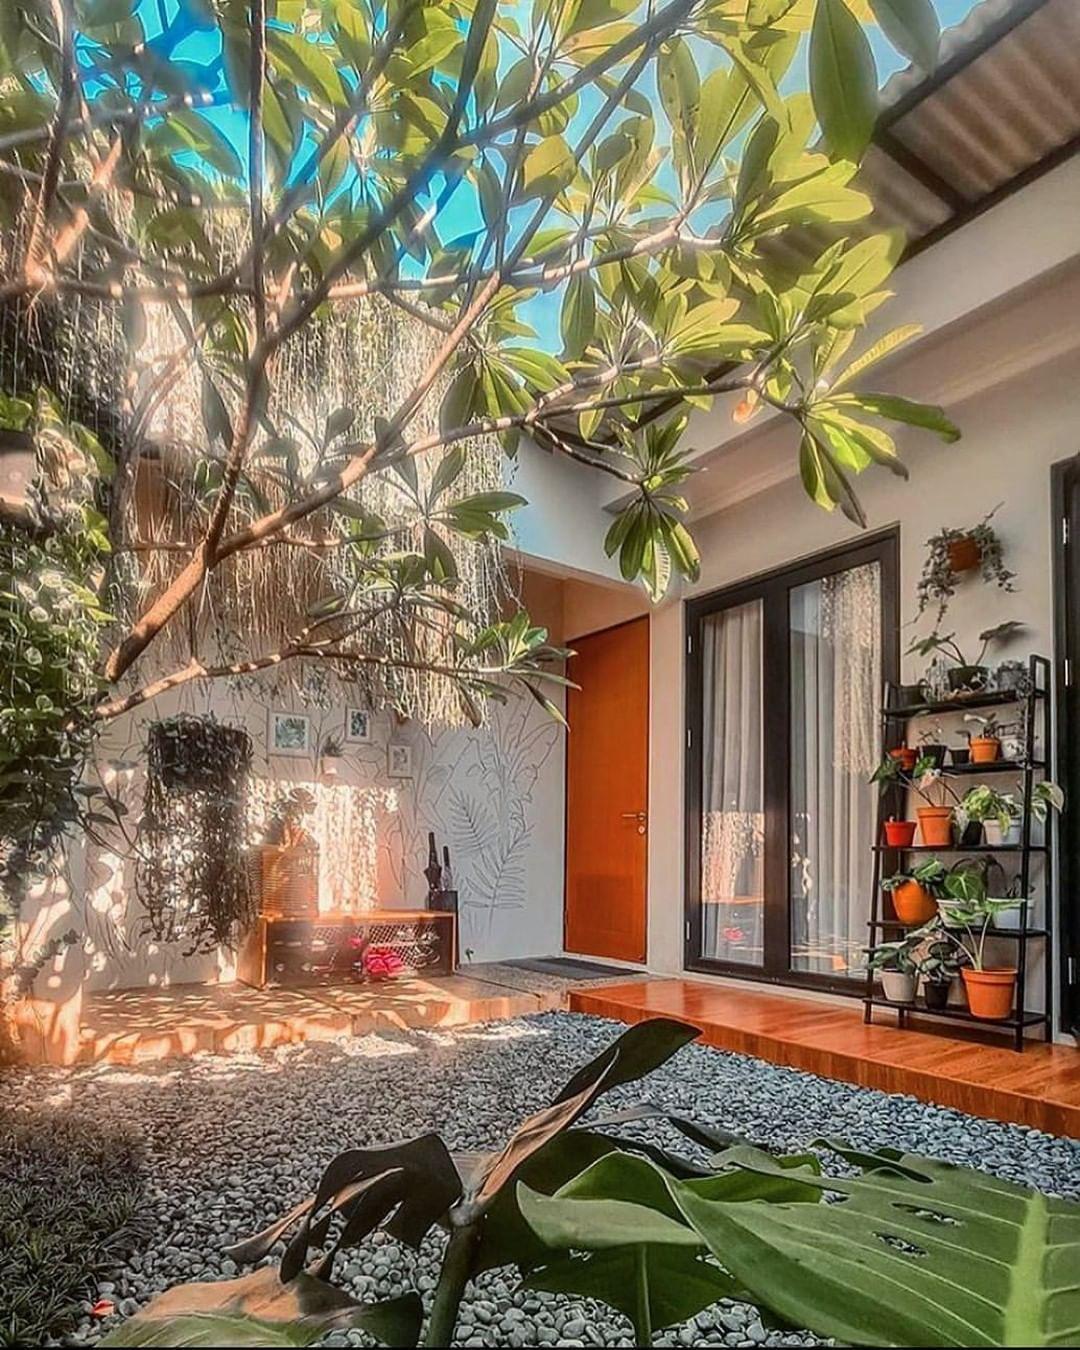 Suka postingan ini?? tap 2x yaa.. Tag teman, saudara atau pasanganmu.  Terimakasih Support nya, semoga menginspirasi 🙏🙏😃  Please Follow  - @desain.rumahaku - @rumah.favoritku - @maridekorrumah  untuk inspirasi lainnya yaaa.  Credit : @damaricha   #desain.rumahaku #rumah.favoritku #maridekorrumah #homedesign #homeinterior #house #rumah #rumahidaman #rumahminimalis #perumahan #taman #dapur #kamar #shabbychic #gorden #DIY #dekorasikamar #lemari #furniture #taman #rumahdijual #